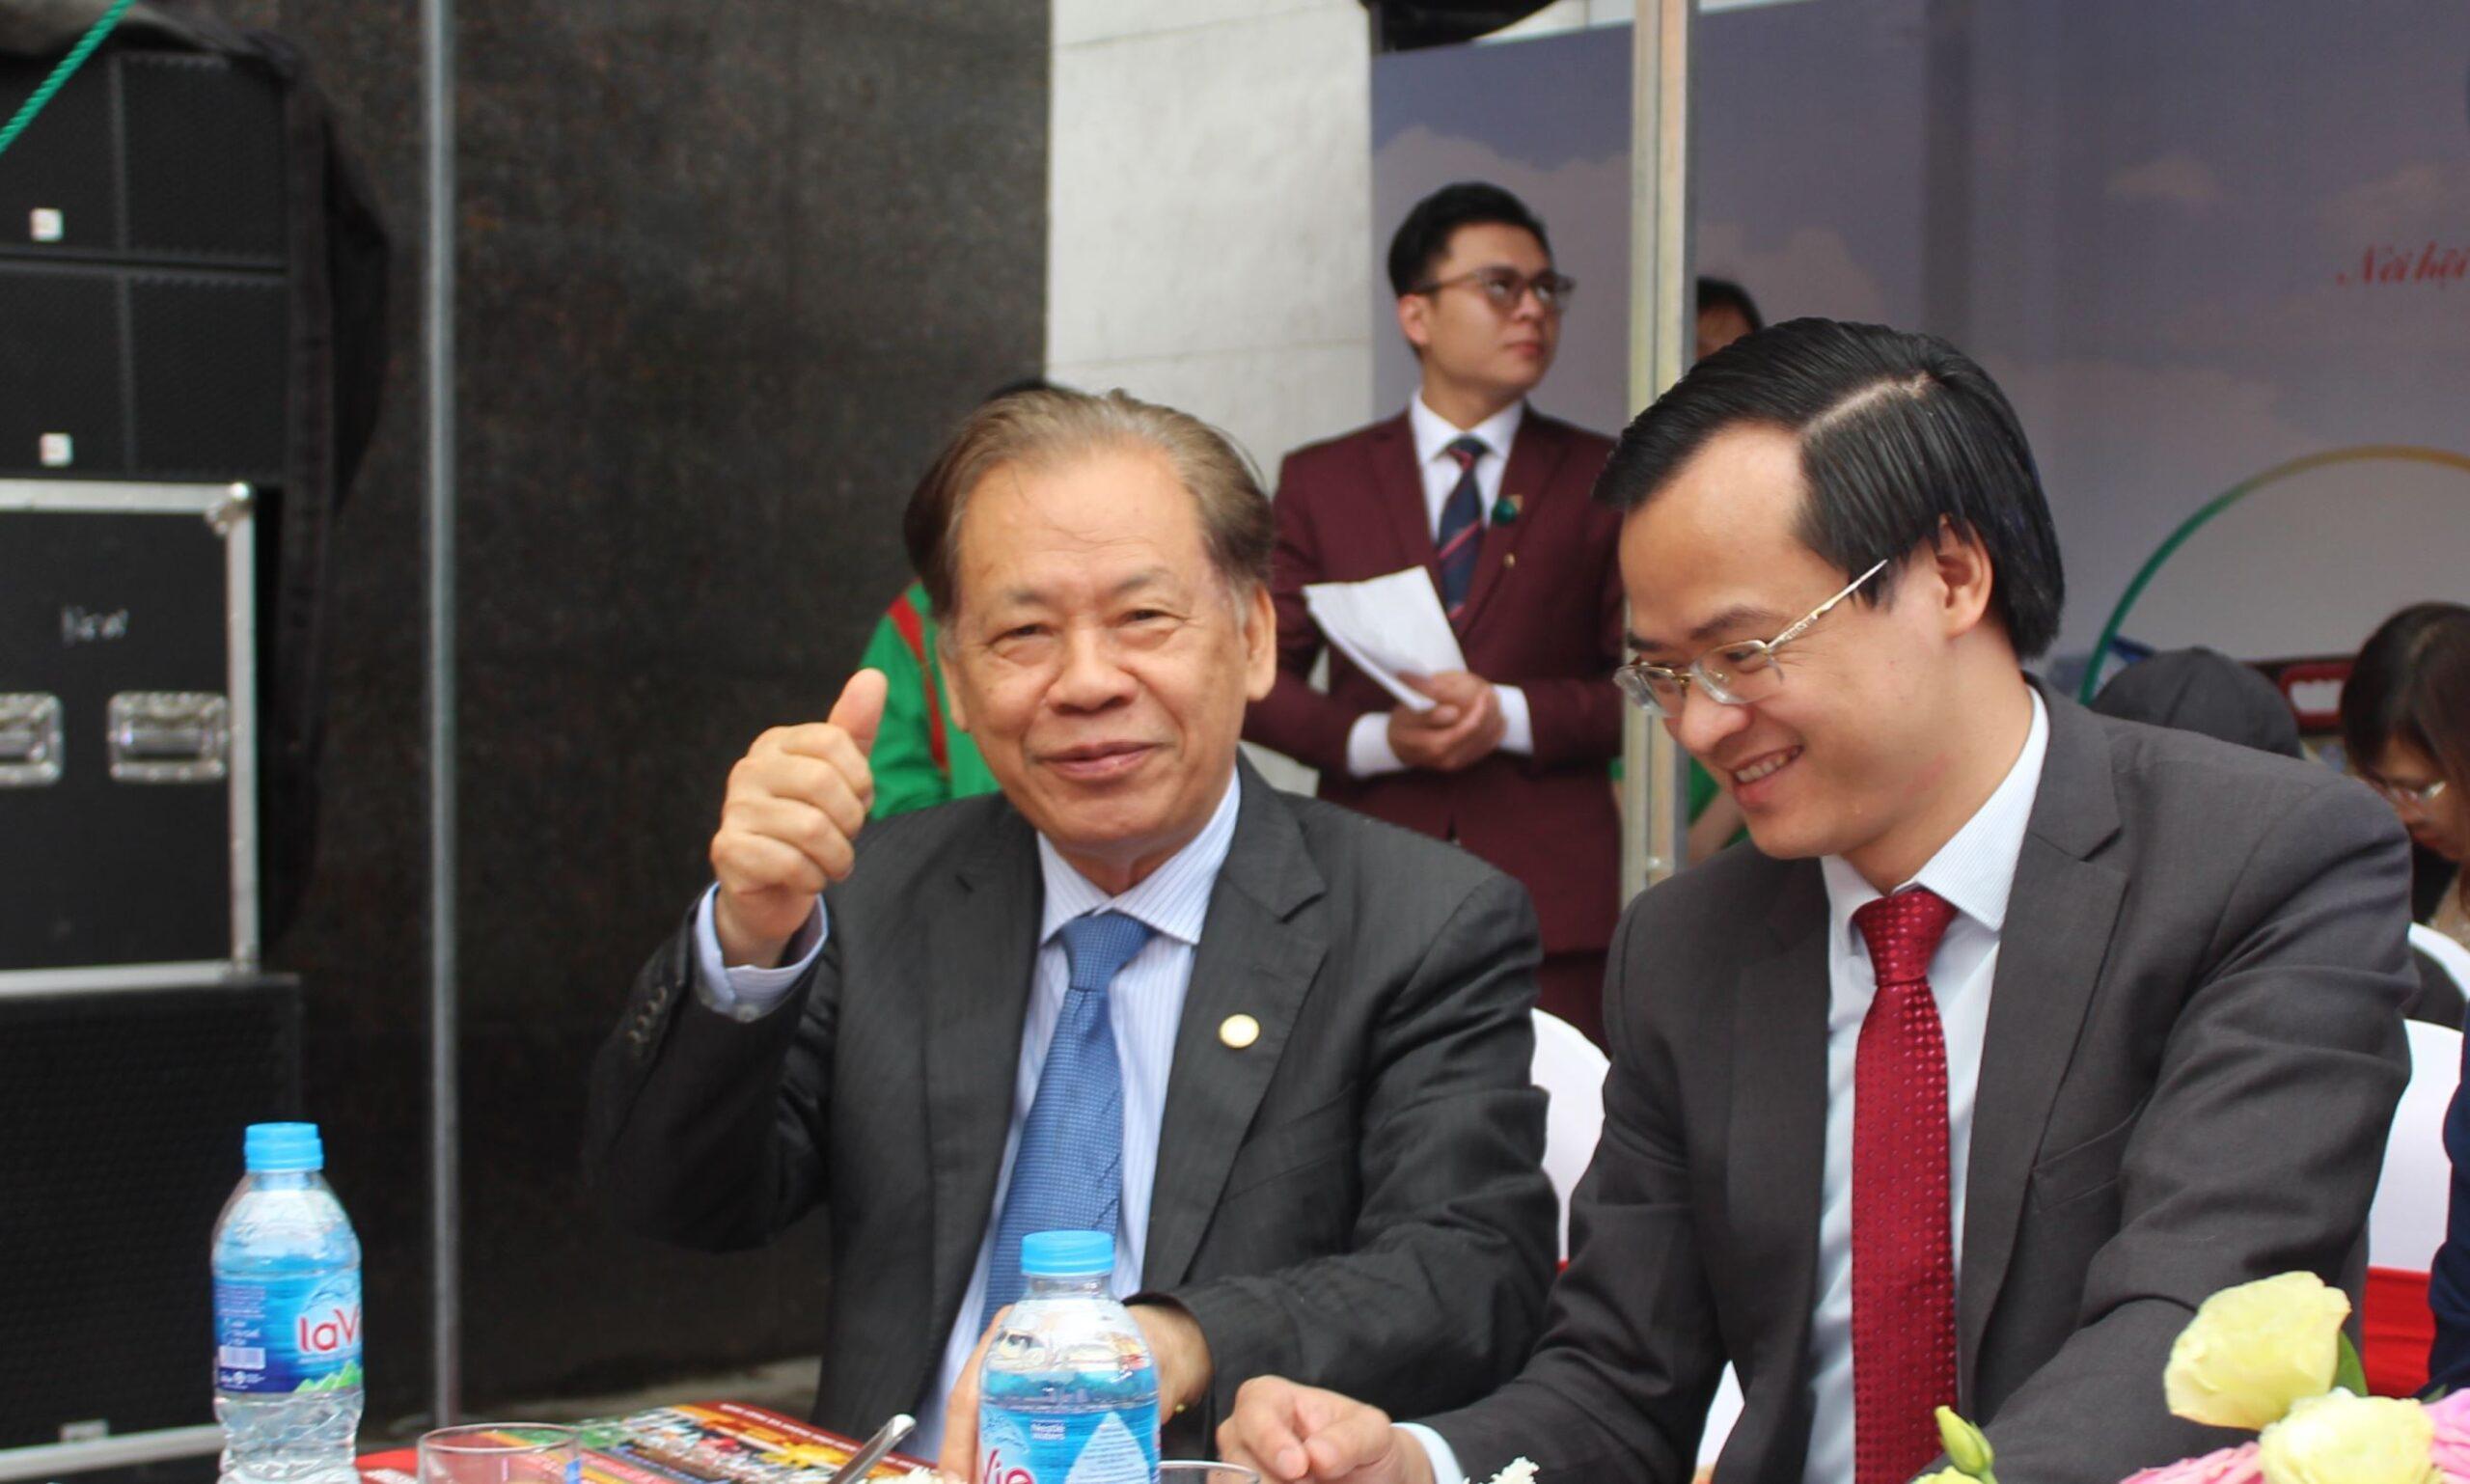 Về phía Lãnh đạo Tổ chức Kỷ lục Việt Nam có sự hiện diện của: Tiến sĩ Thang Văn Phúc - Nguyên Thứ trưởngBộ Nội Vụ, Chủ tịch TW Hội Kỷ lục gia Việt Nam; Ông Hoàng Thái Tuấn Anh - Trưởng Đại diện Tổ chức Kỷ lục Việt Nam tại miền Bắc.